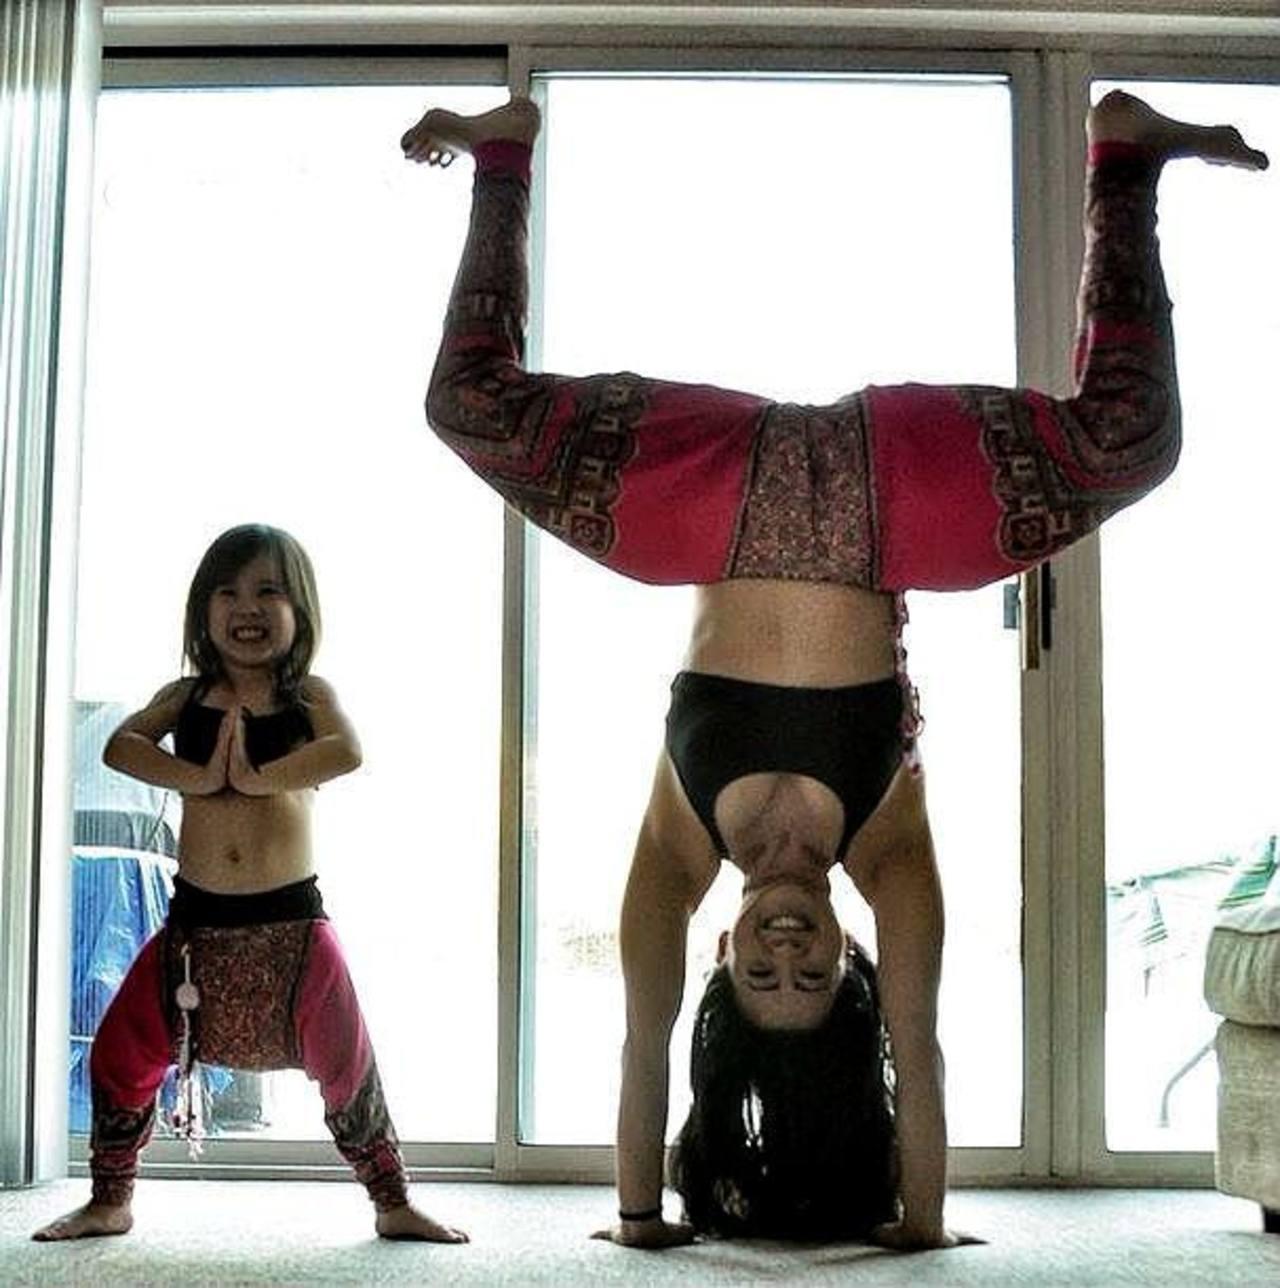 Fotos Madre E Hija Sensacion En Instagram Al Practicar Yoga